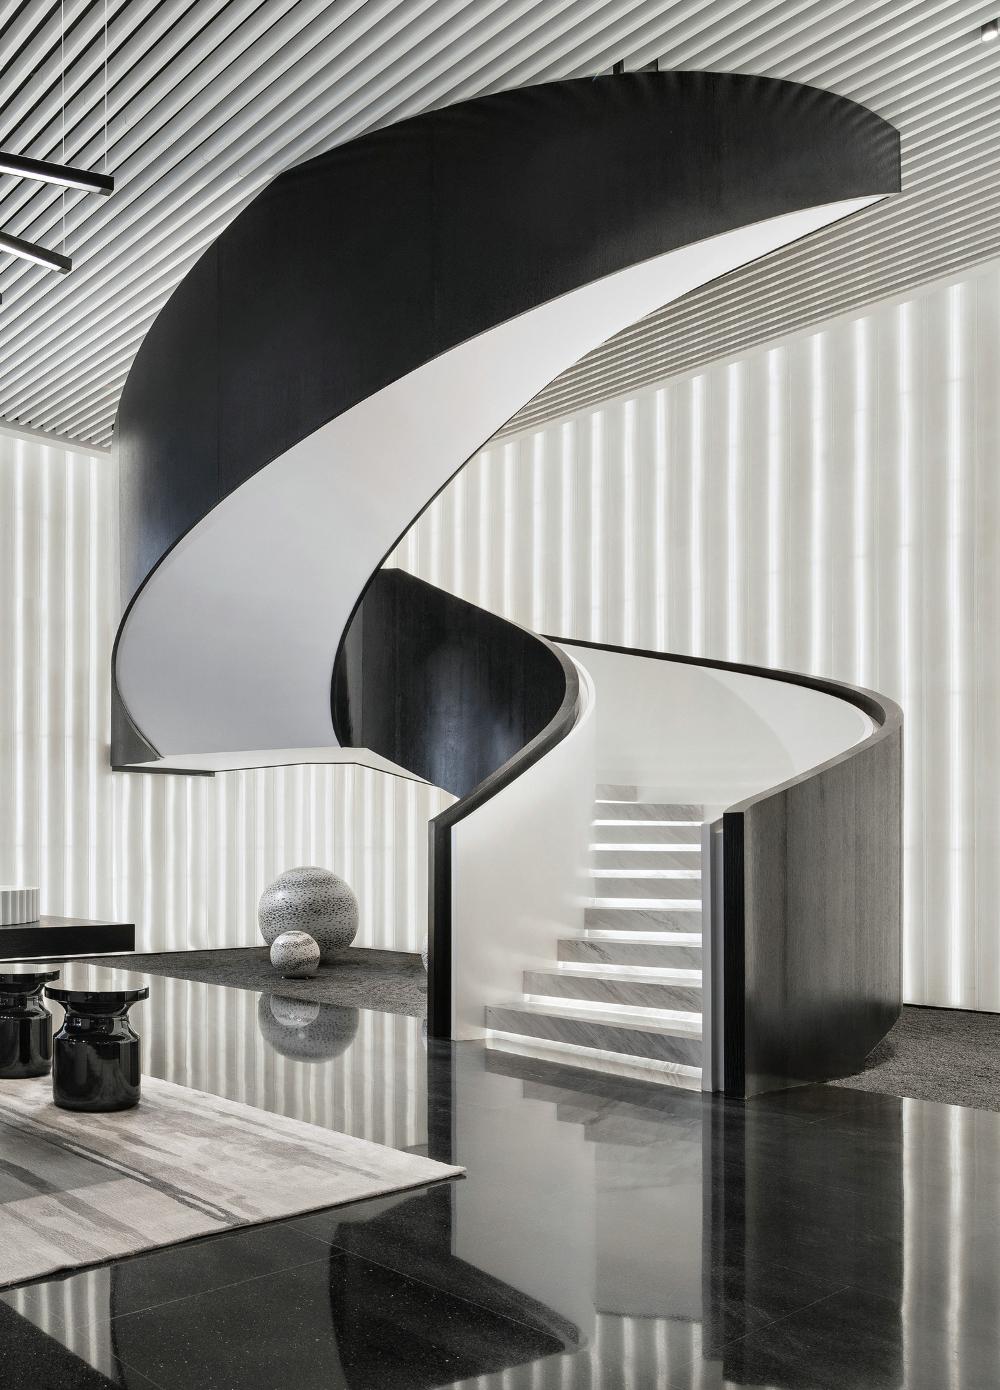 G K桂睿诗设计 深石西安汉华城艺术生活馆 不失经典的优雅 室内设计